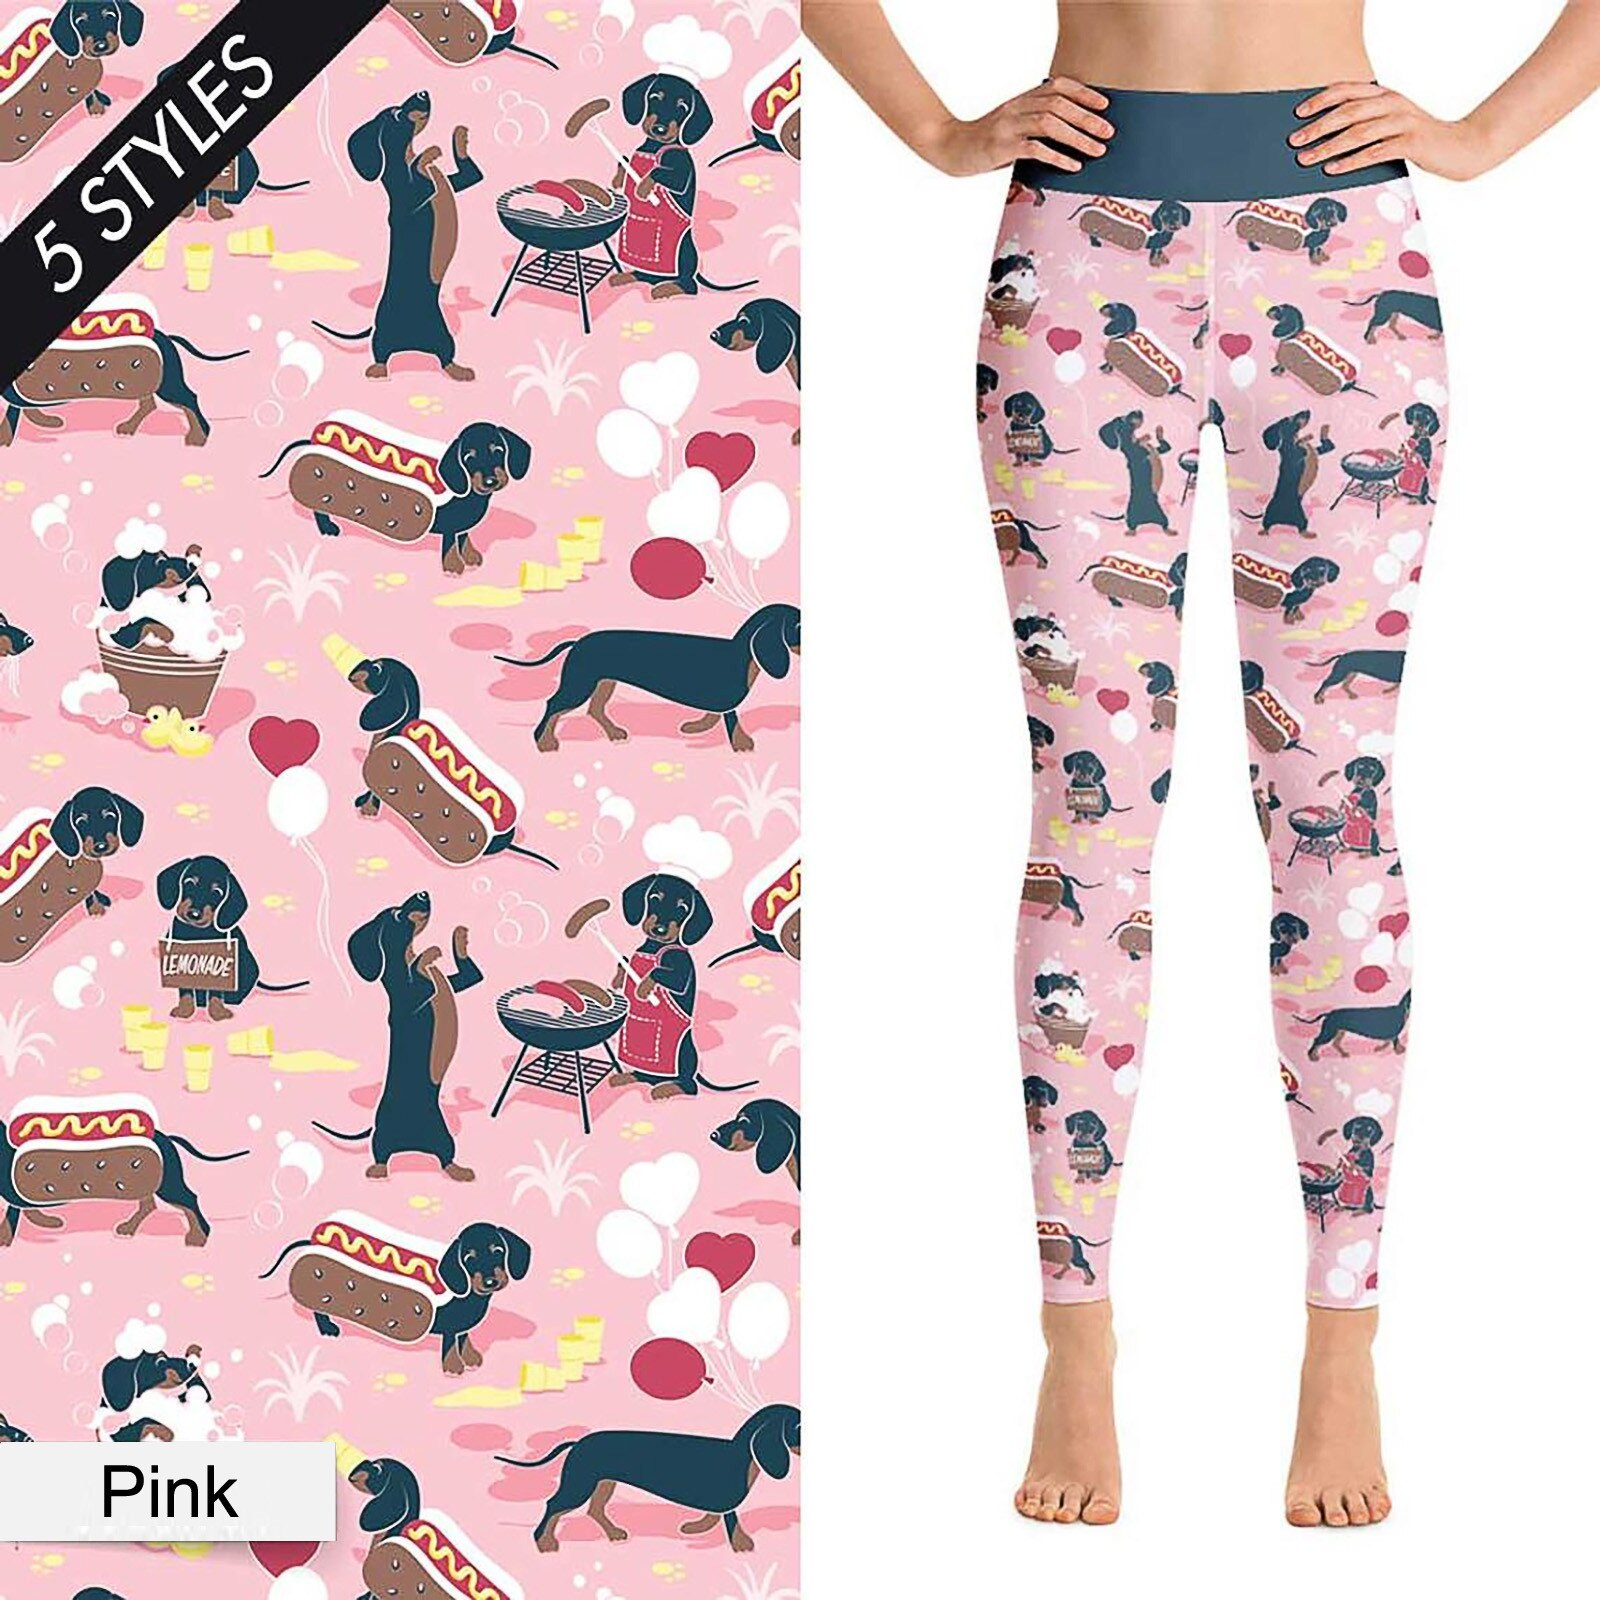 2021 New Women's Seamless Fitness Leggings Female High Waist Running Sports Leggings Sportswear Gym Yoga Sport Pants 5S